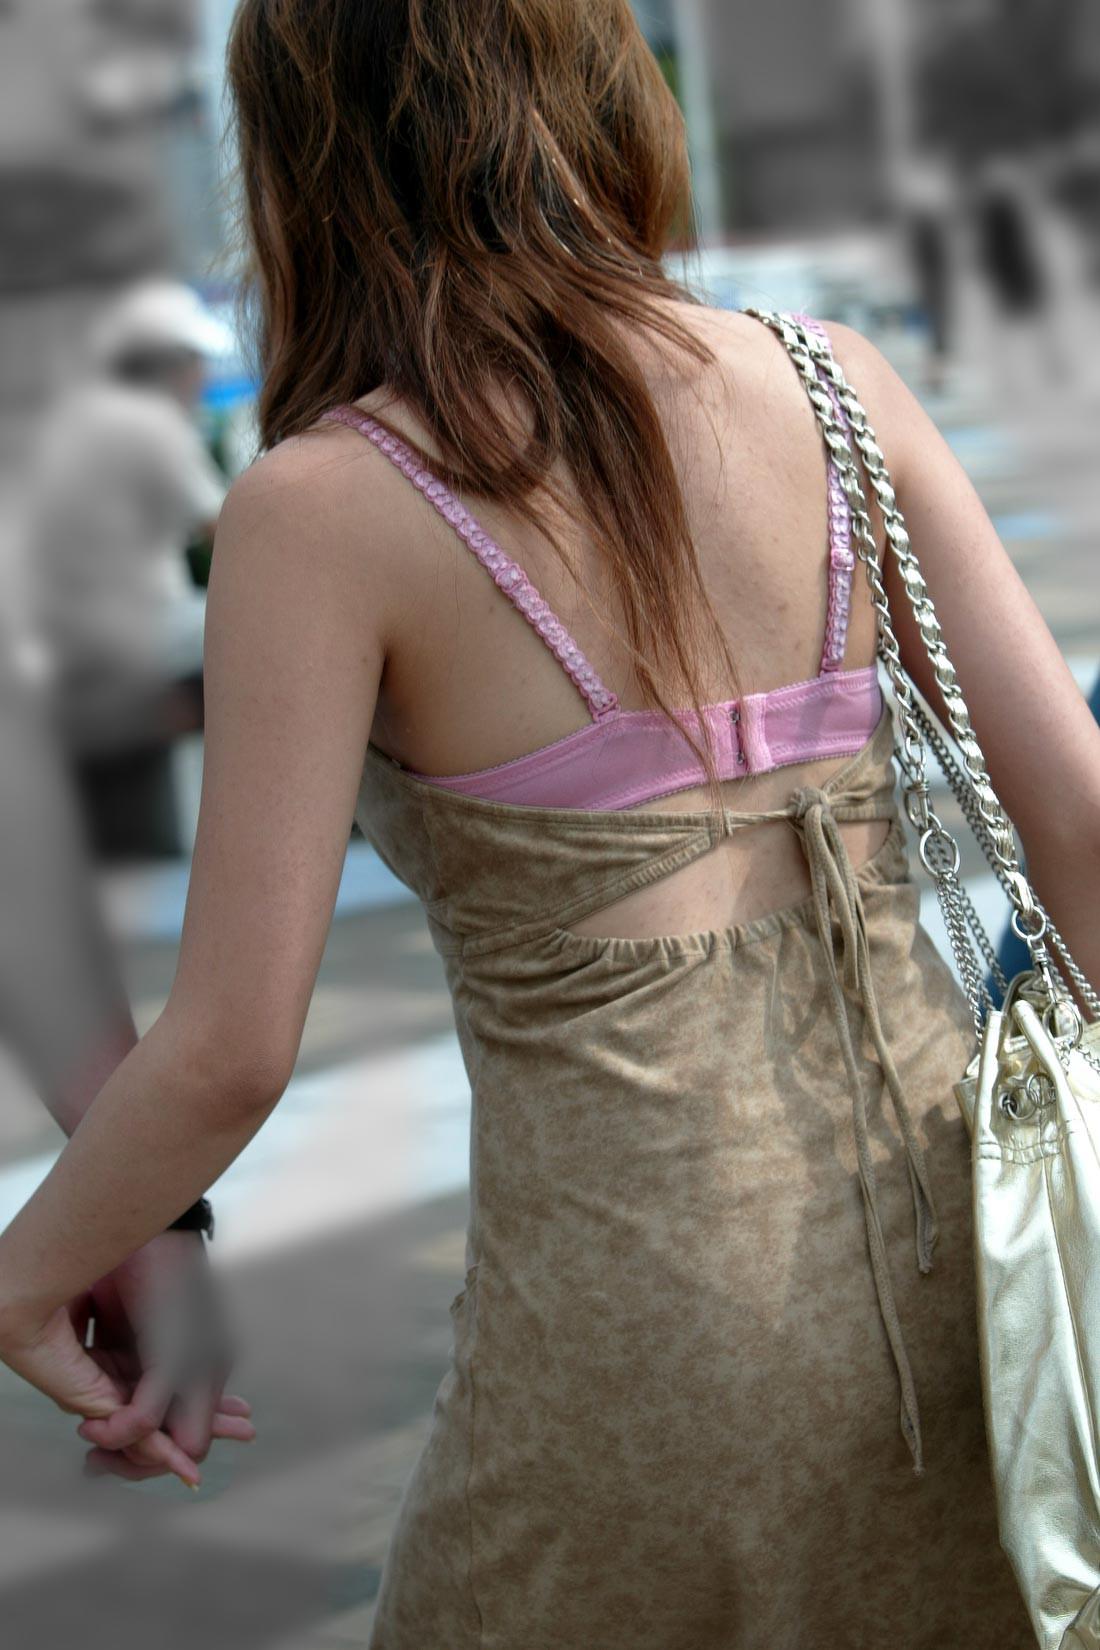 【透け下着画像】うっすらどころか柄まで確認できるイヤらしい透け下着www 12